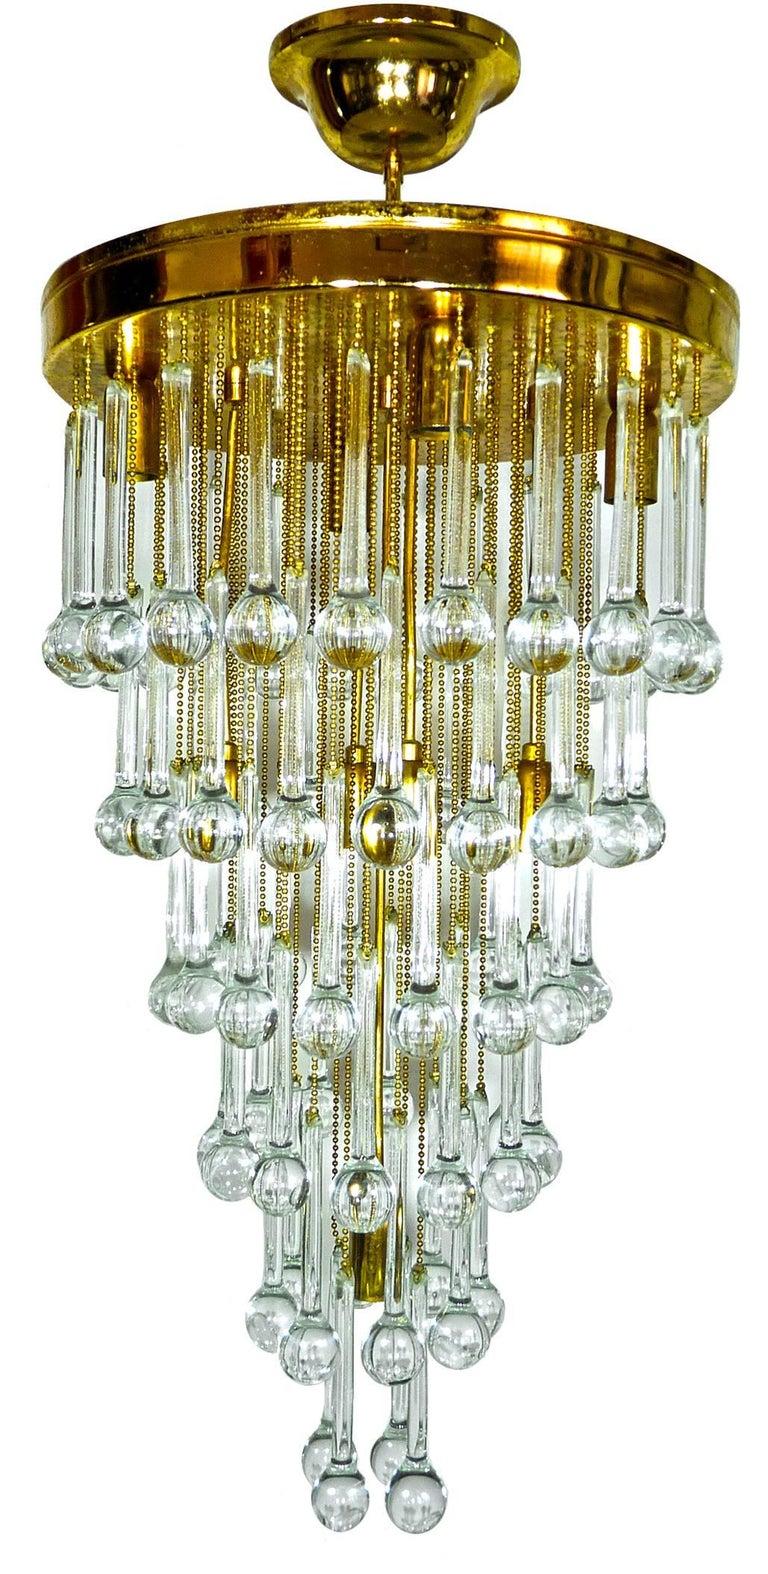 German Large Midcentury Hollywood Regency Crystal Waterfall Weddingcake Gilt Chandelier For Sale